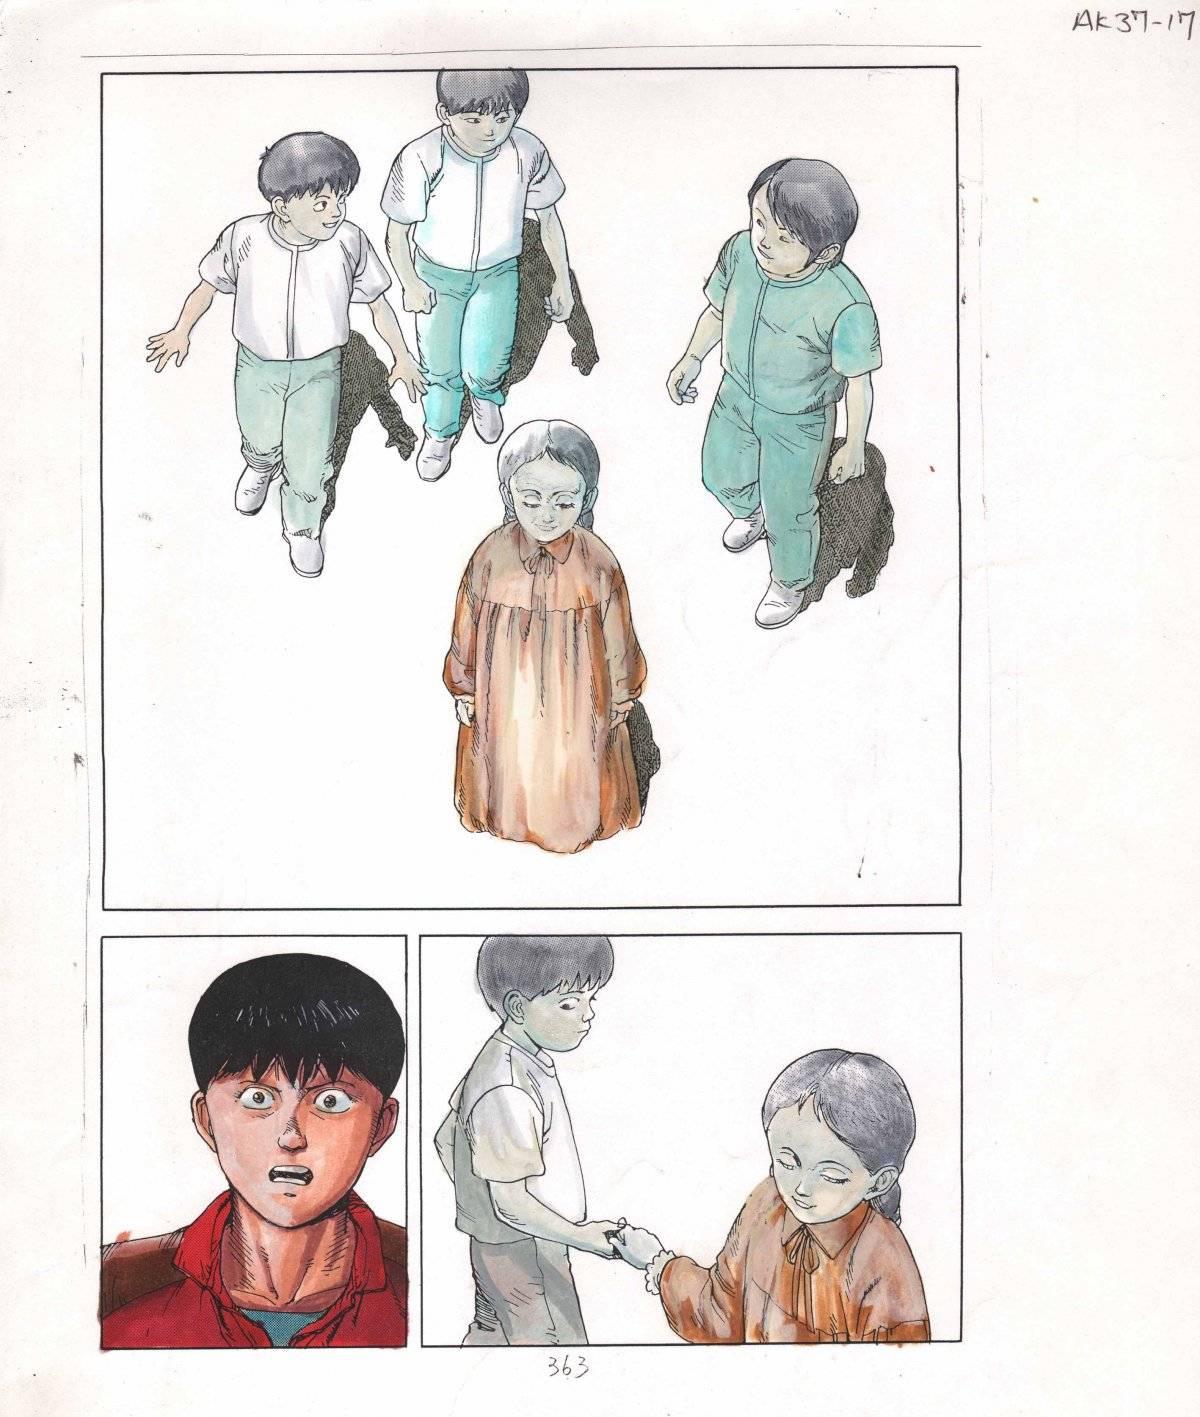 Akira - guia de cor para a edição dos EUA. Cores de Steve Oliff sobre arte de Katsuhiro Otomo (WEB)